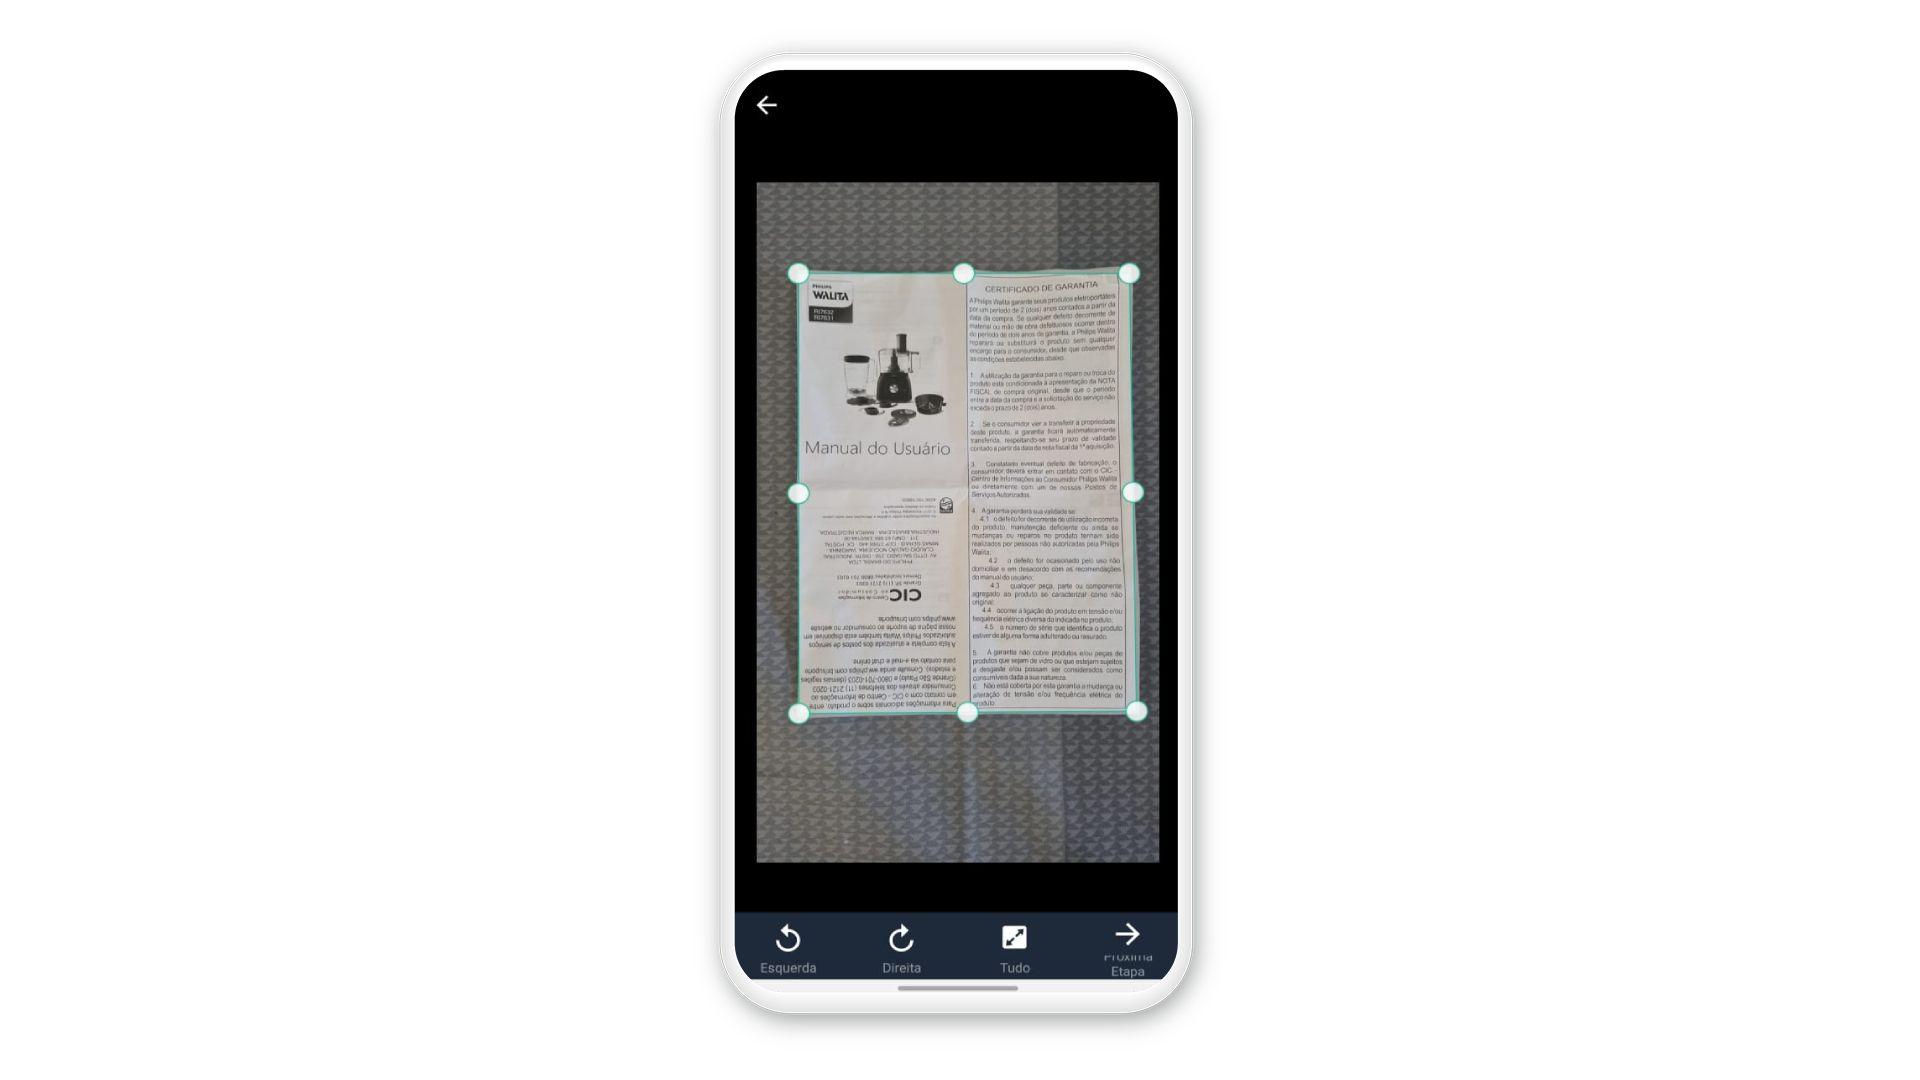 Selecione o espaço que deve ser digitalizado pelo CamScanner (Foto: Reprodução)